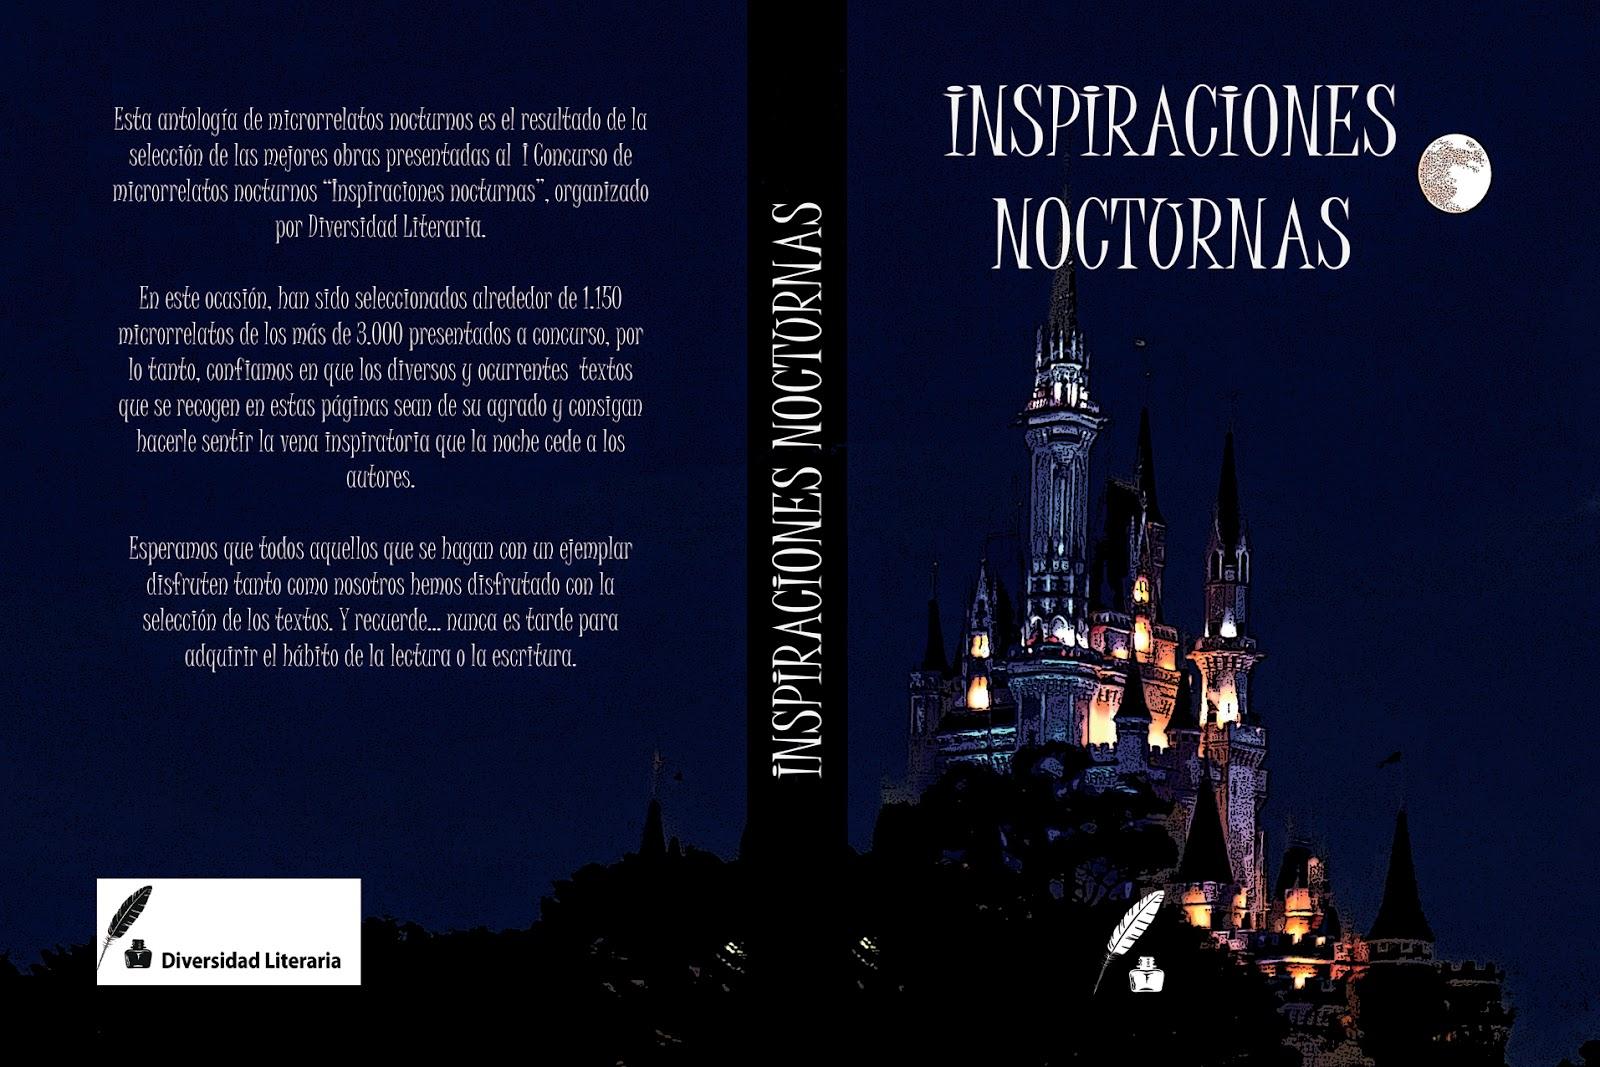 http://www.diversidadliteraria.com/librer%C3%ADa/libros-concursos/microrrelatos-nocturnos-2015/